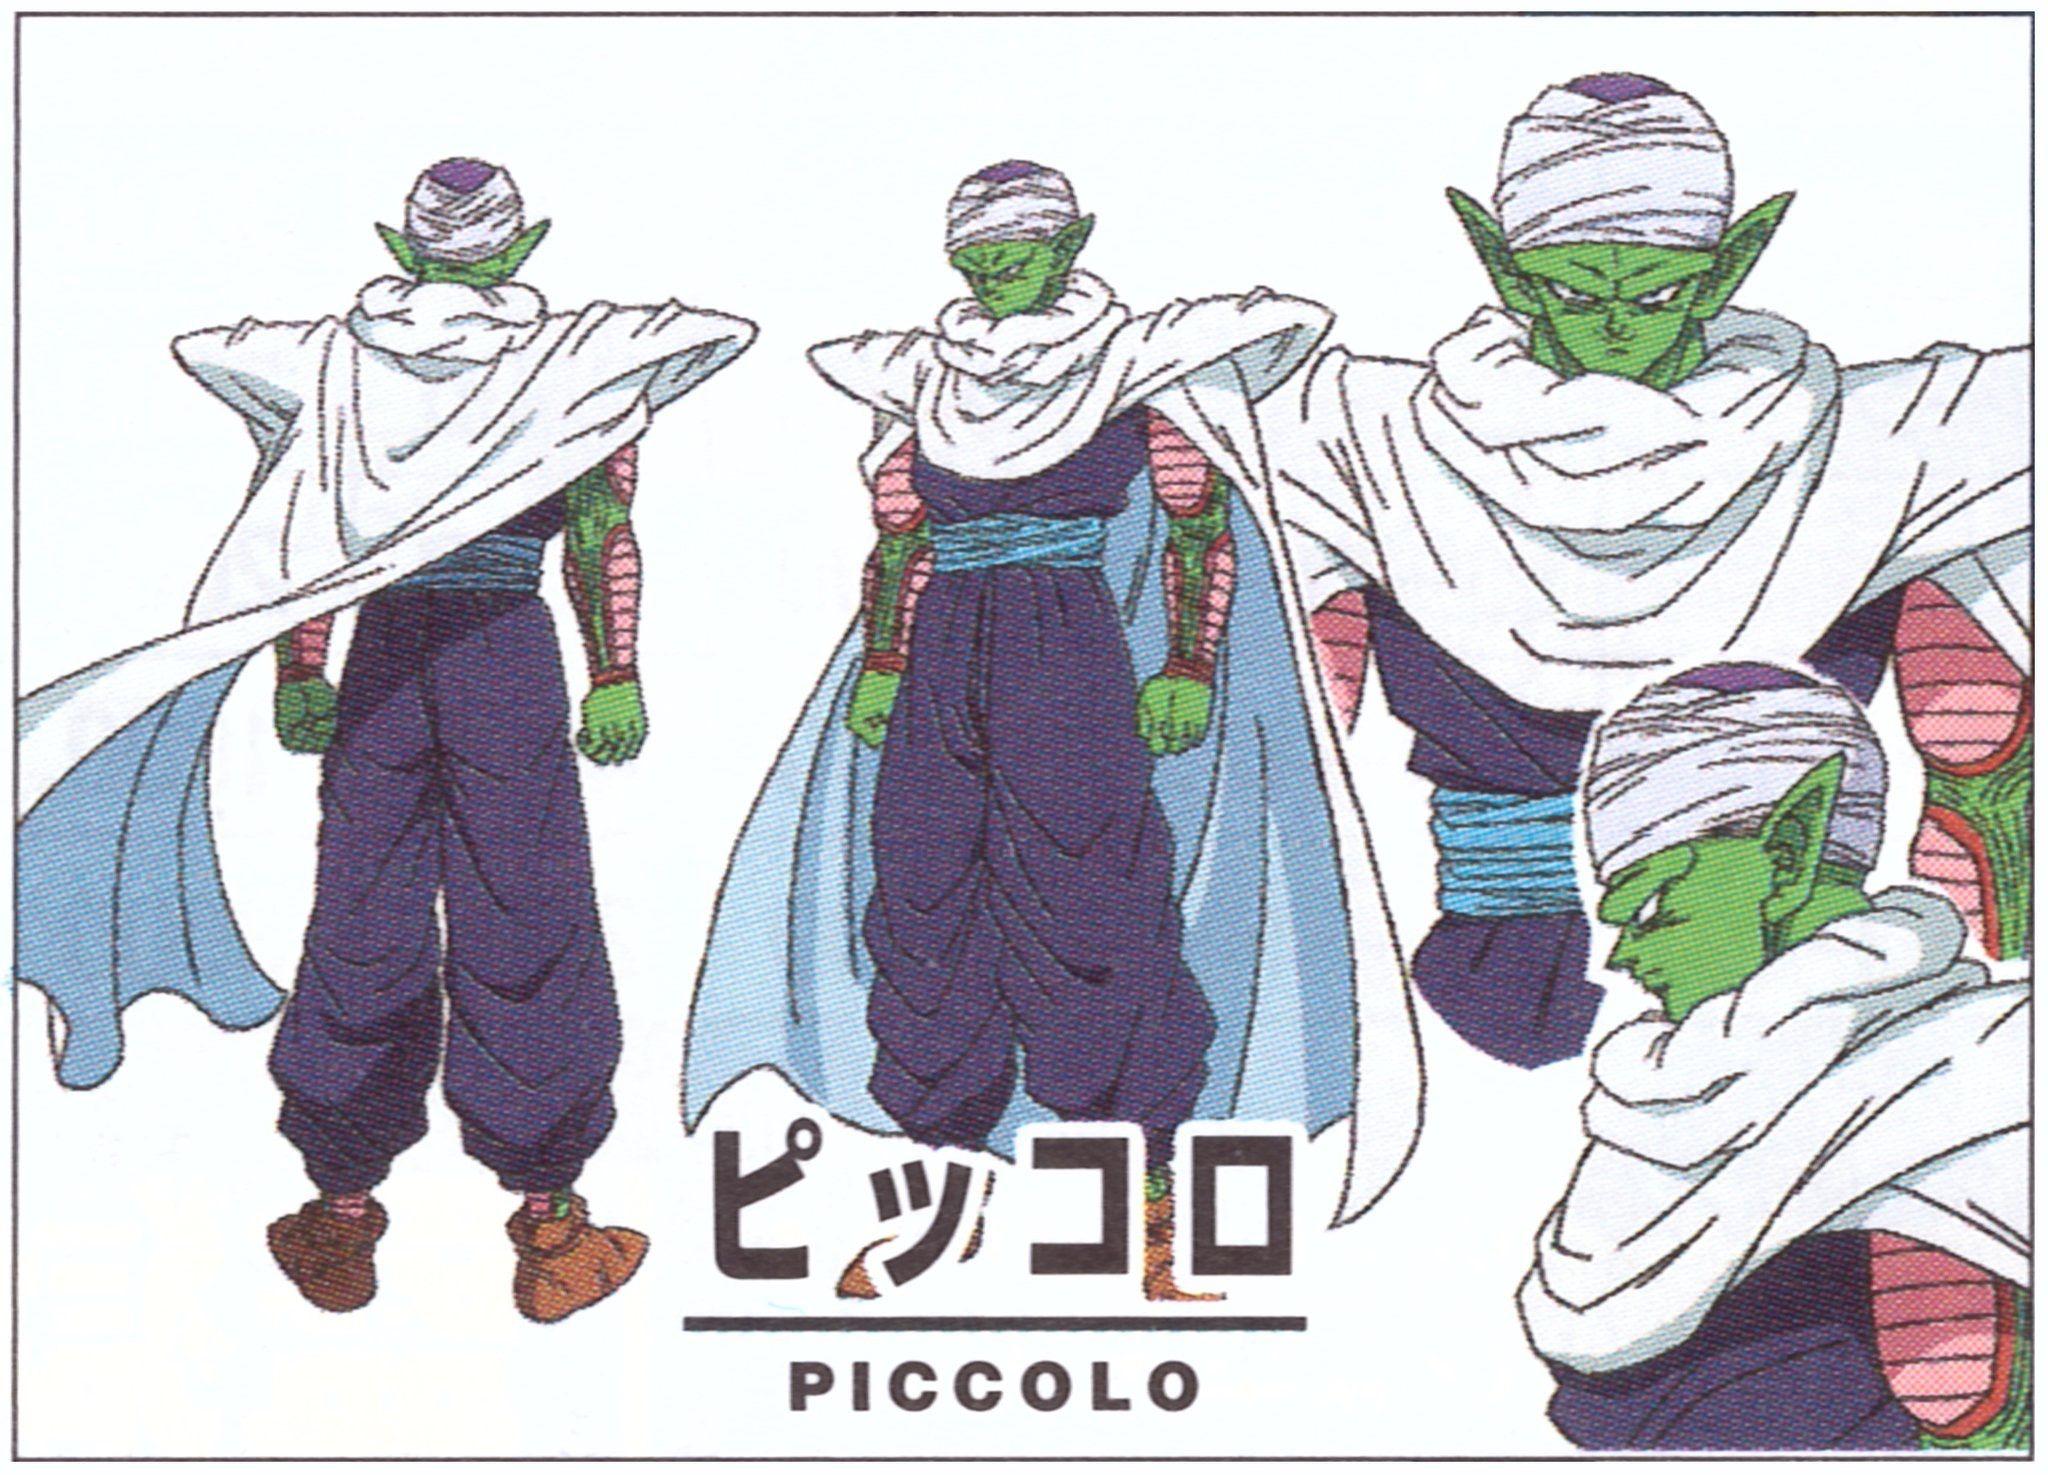 Piccolo - DragonBall Super The Movie   Personajes de ...